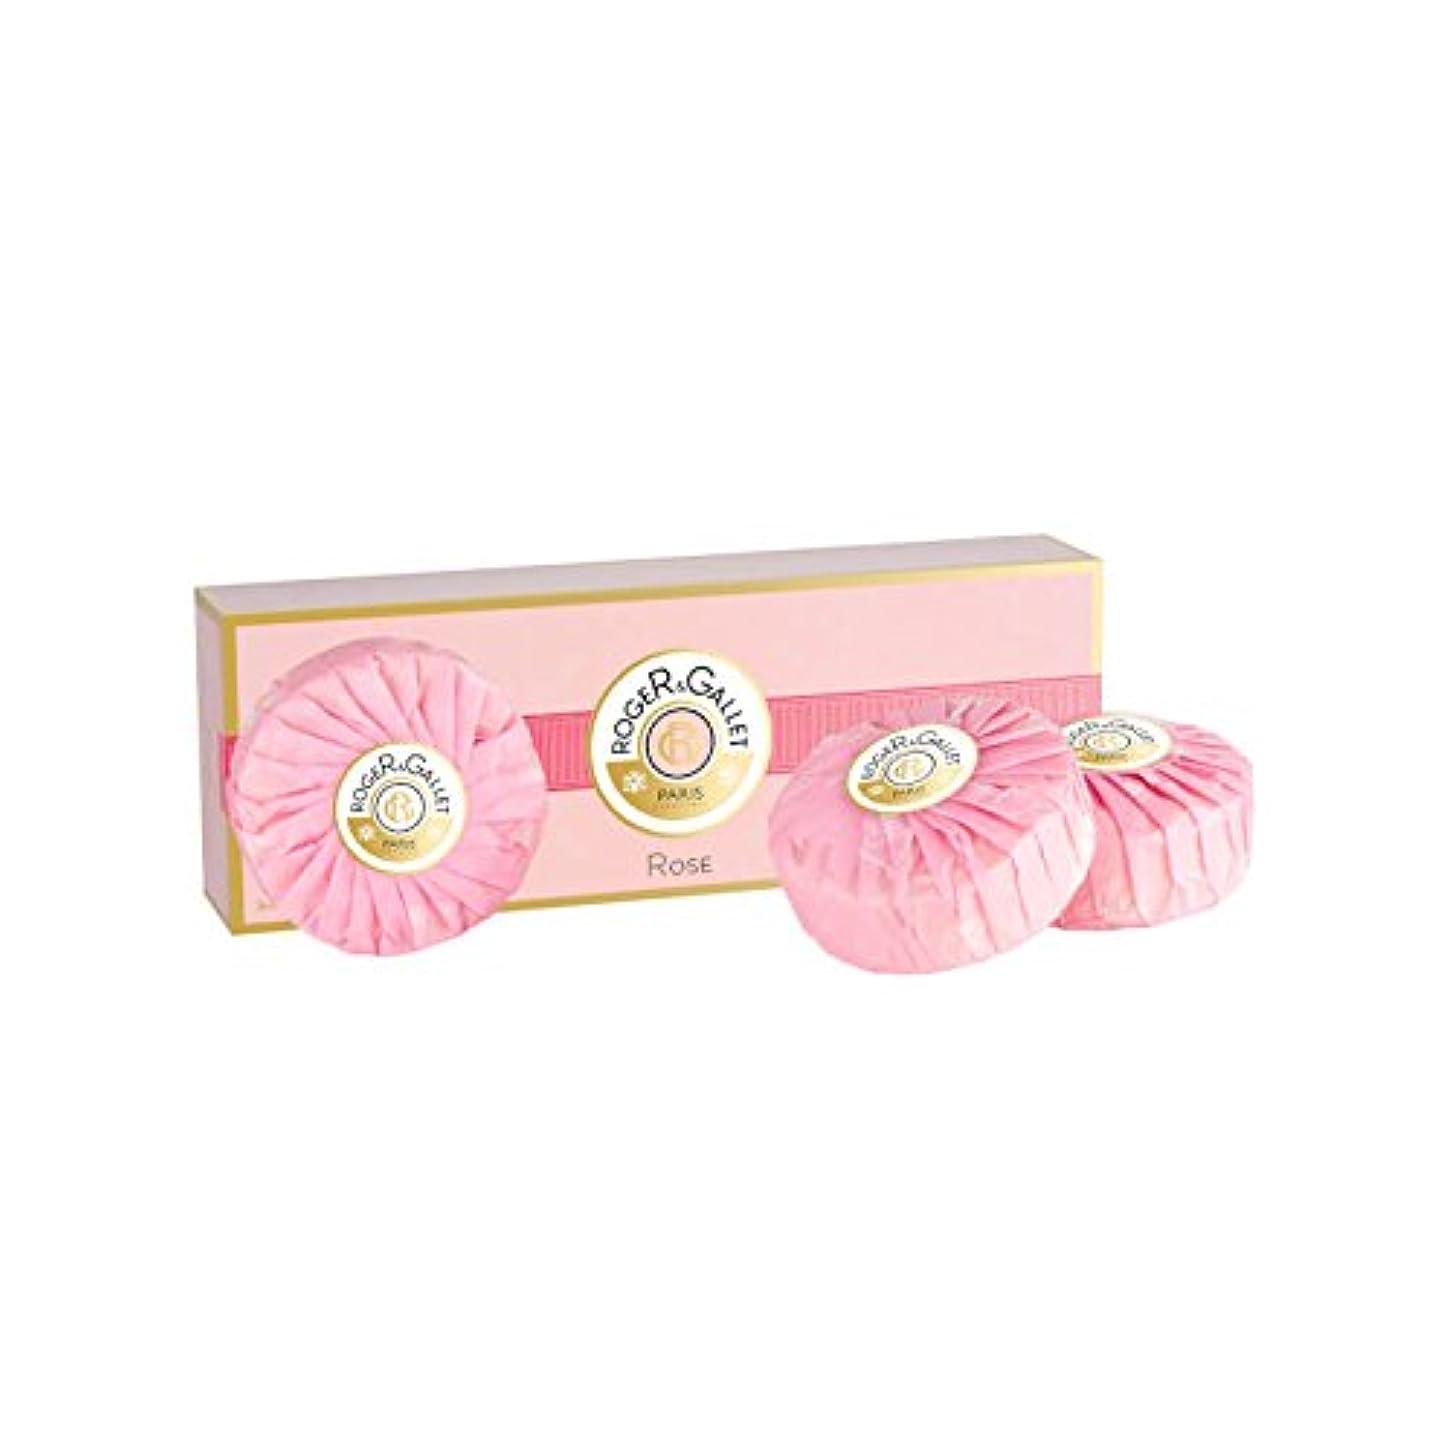 オリエンテーションアトミック脈拍ロジェガレ ローズ 香水石鹸 3個セット 100g×3 ROGER & GALLET ROSE SOAP [並行輸入品]